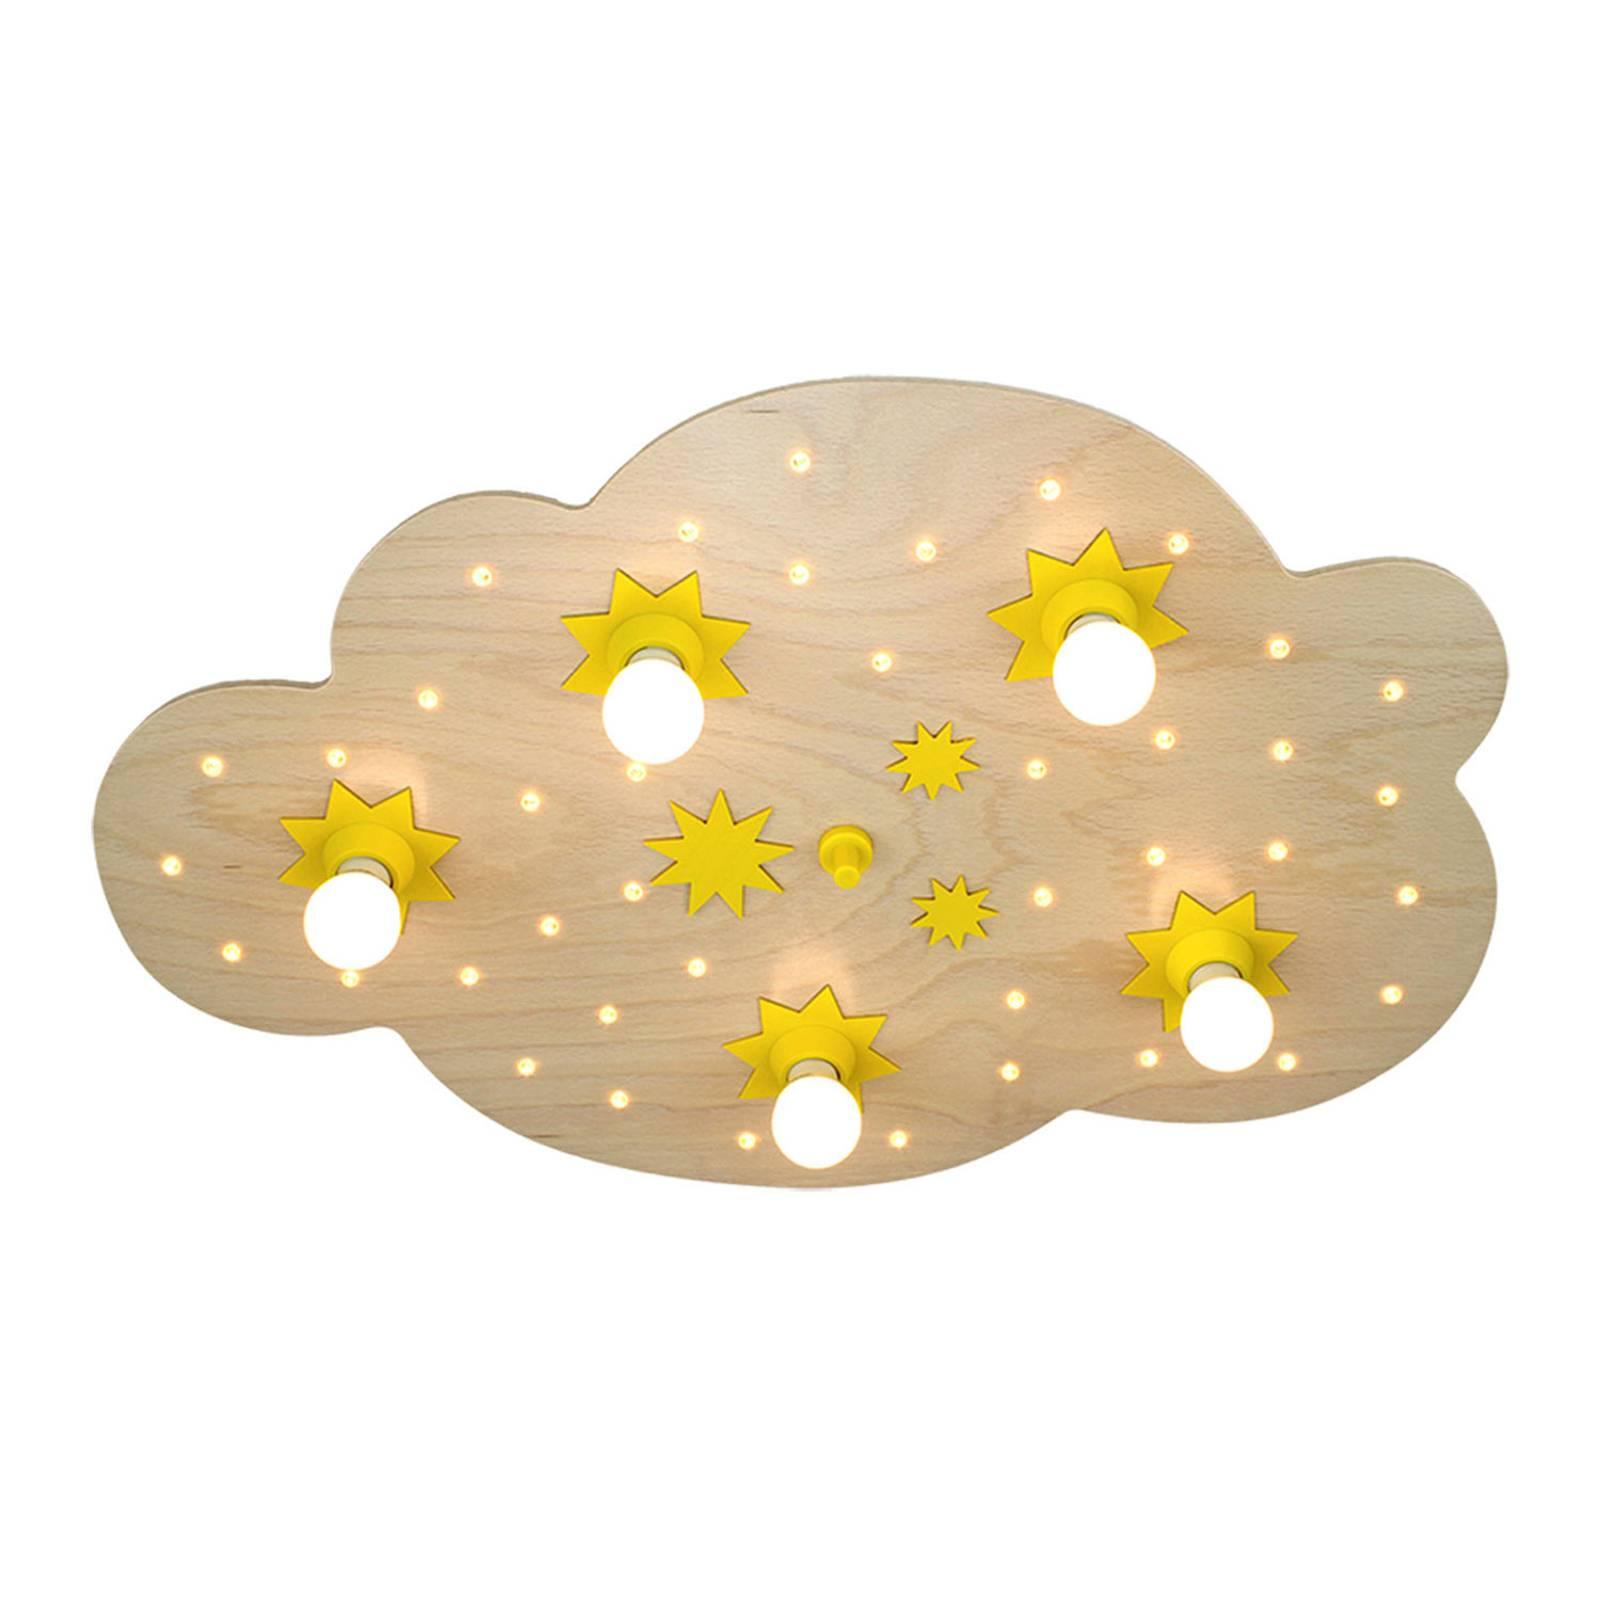 Deckenleuchte Sternenwolke, in Buche natur, 75 cm